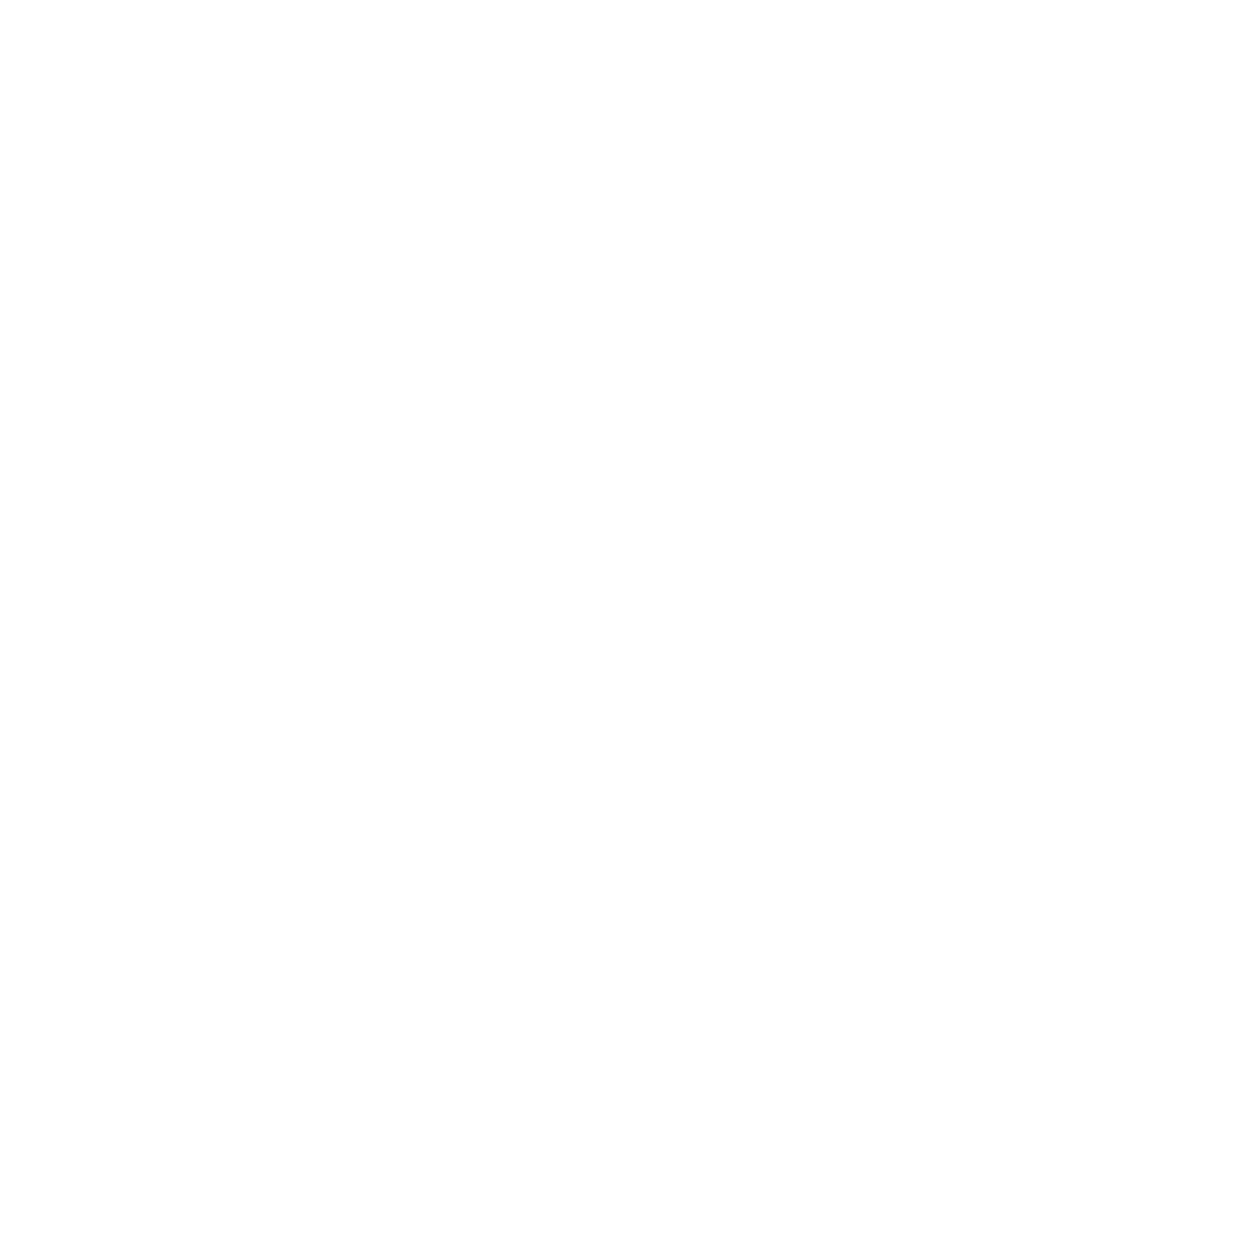 Боковина напольного стеллажа Аристо 10 рельсов (2 шт в комплекте)